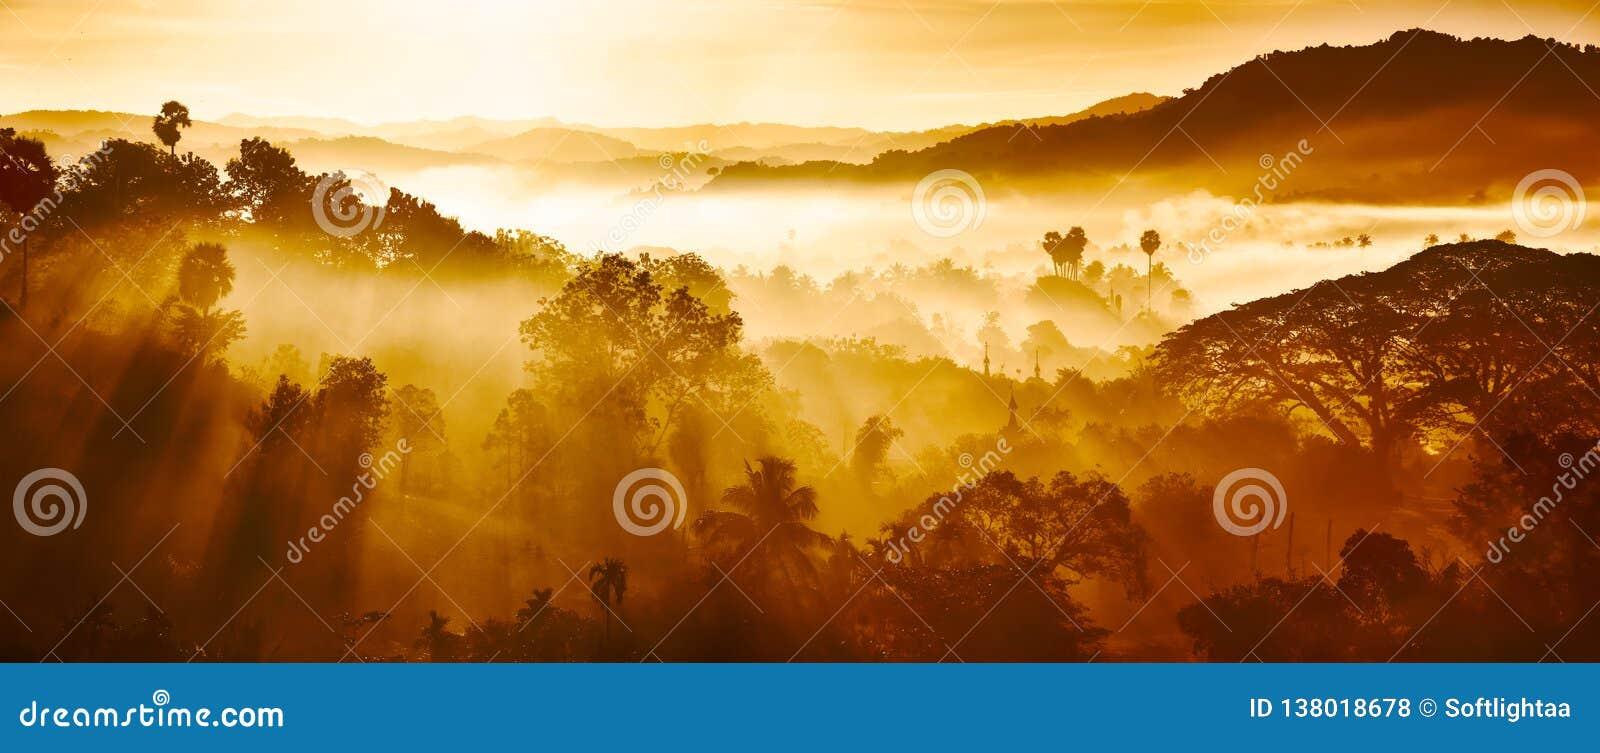 Mooi Landschap van bergen en regenwoud in de vroege stralen van de ochtendzon en mist in Myanmar